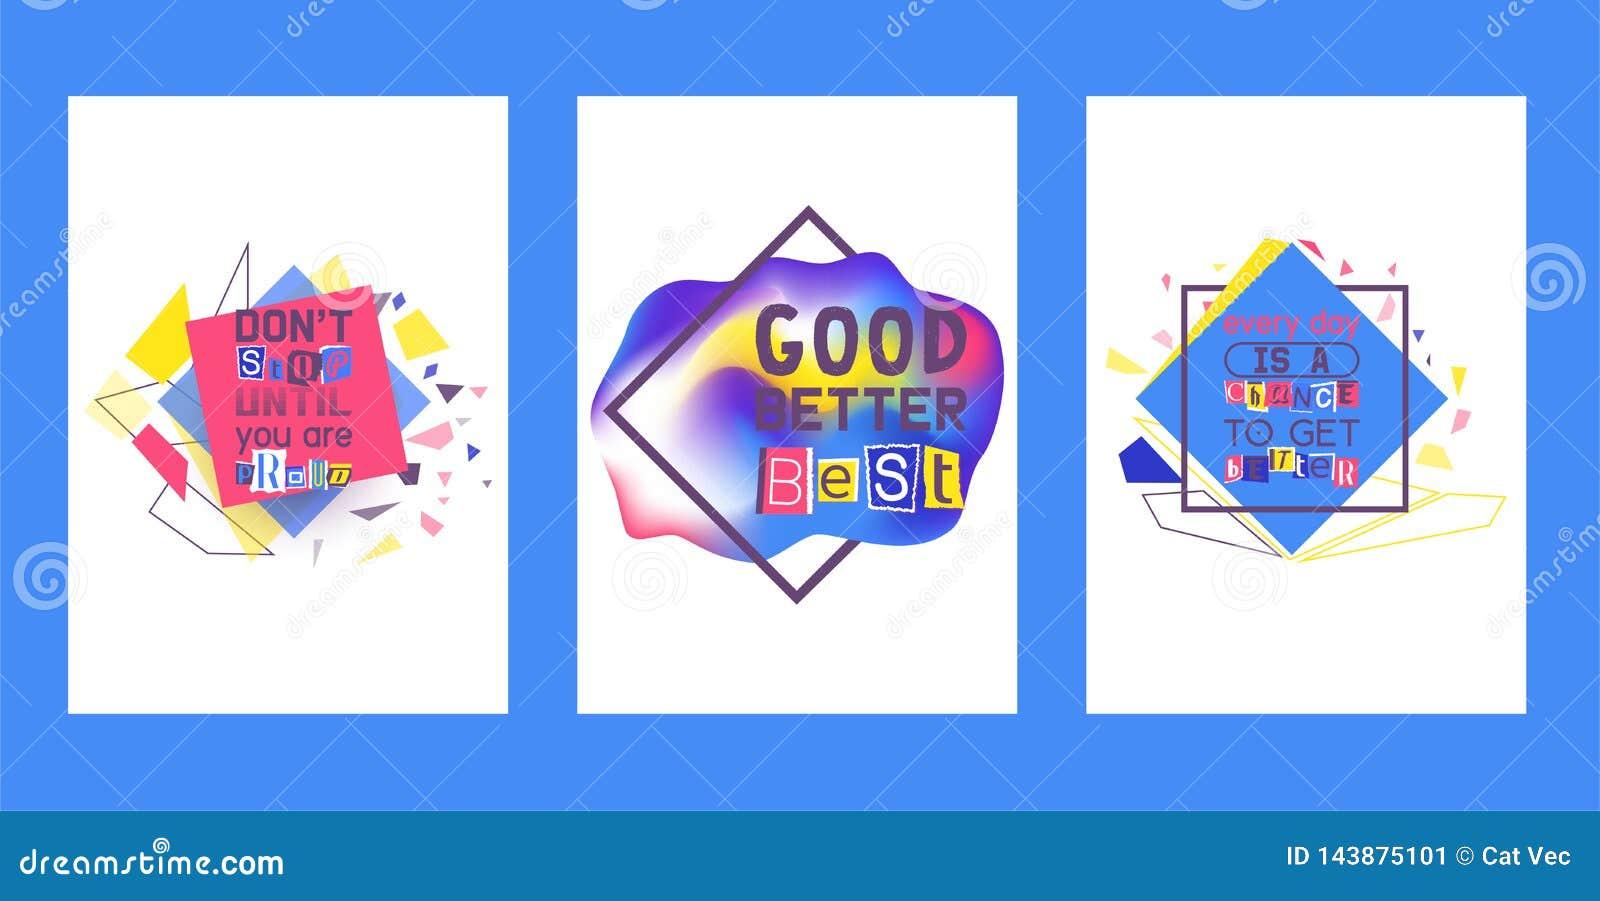 Grupo alfabético da colagem de ilustração do vetor dos cartões Palavras cortadas por tesouras do papel colorido Não pare até